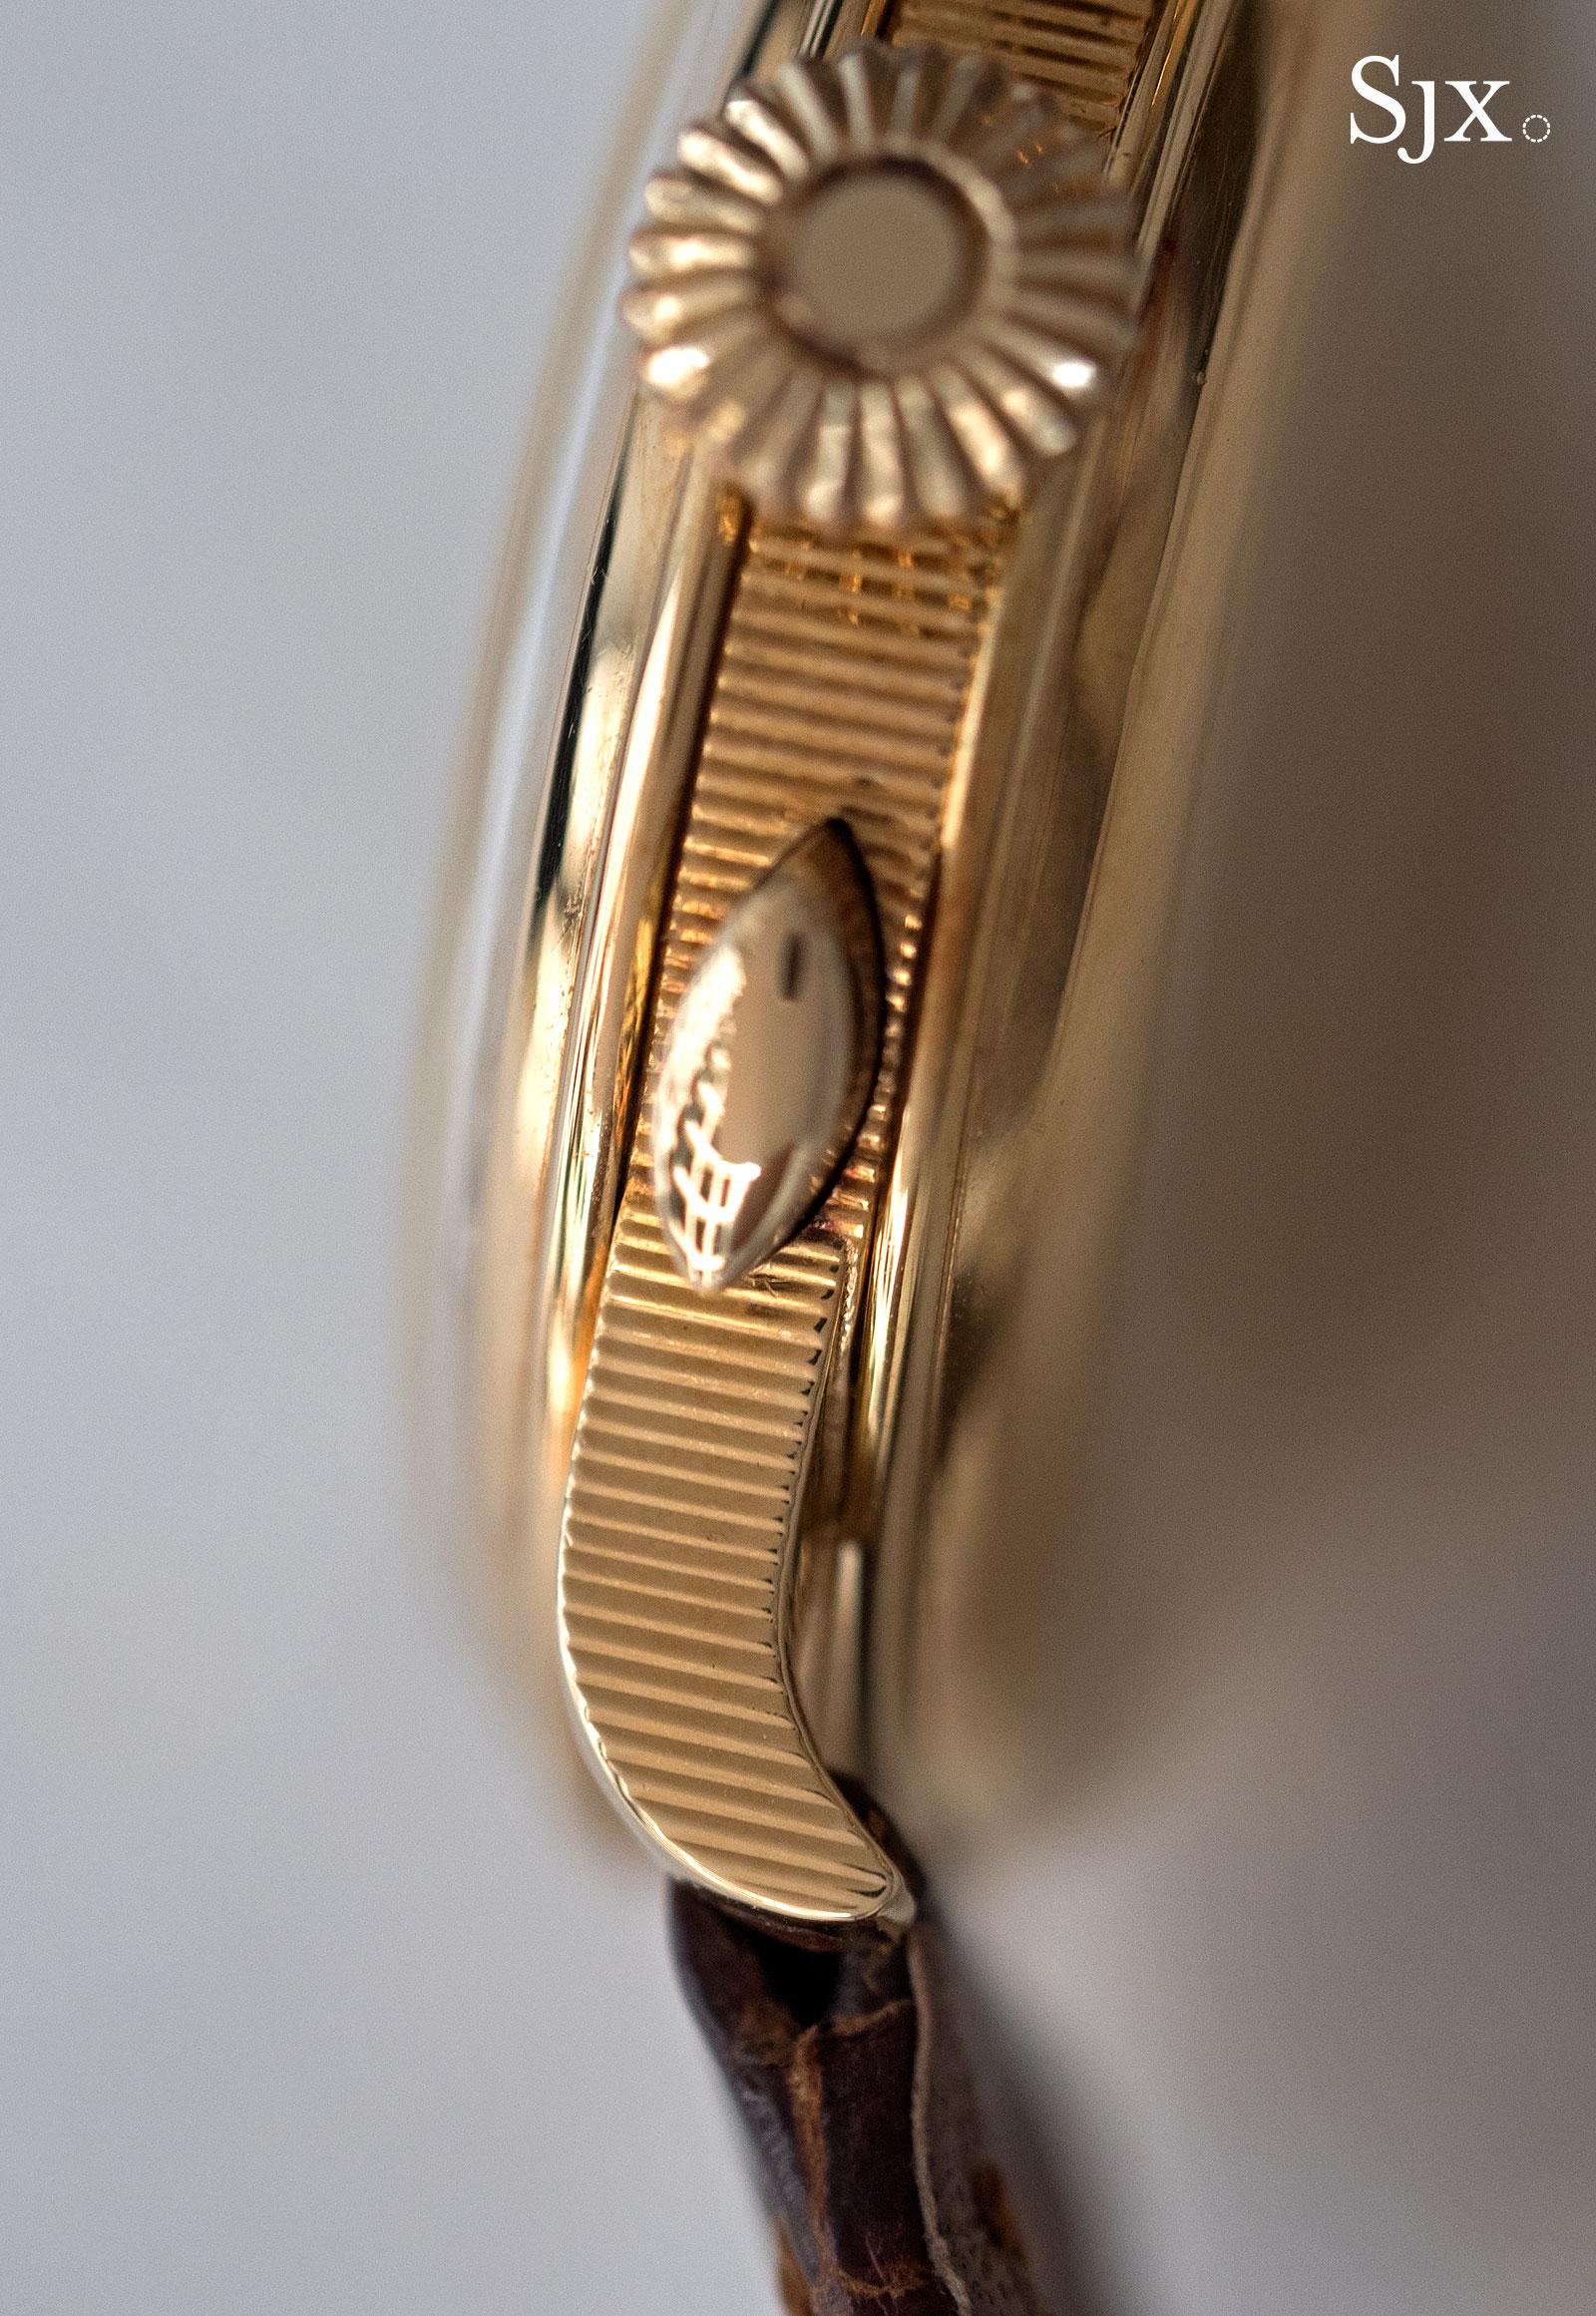 Breguet chronograph sector dial 8